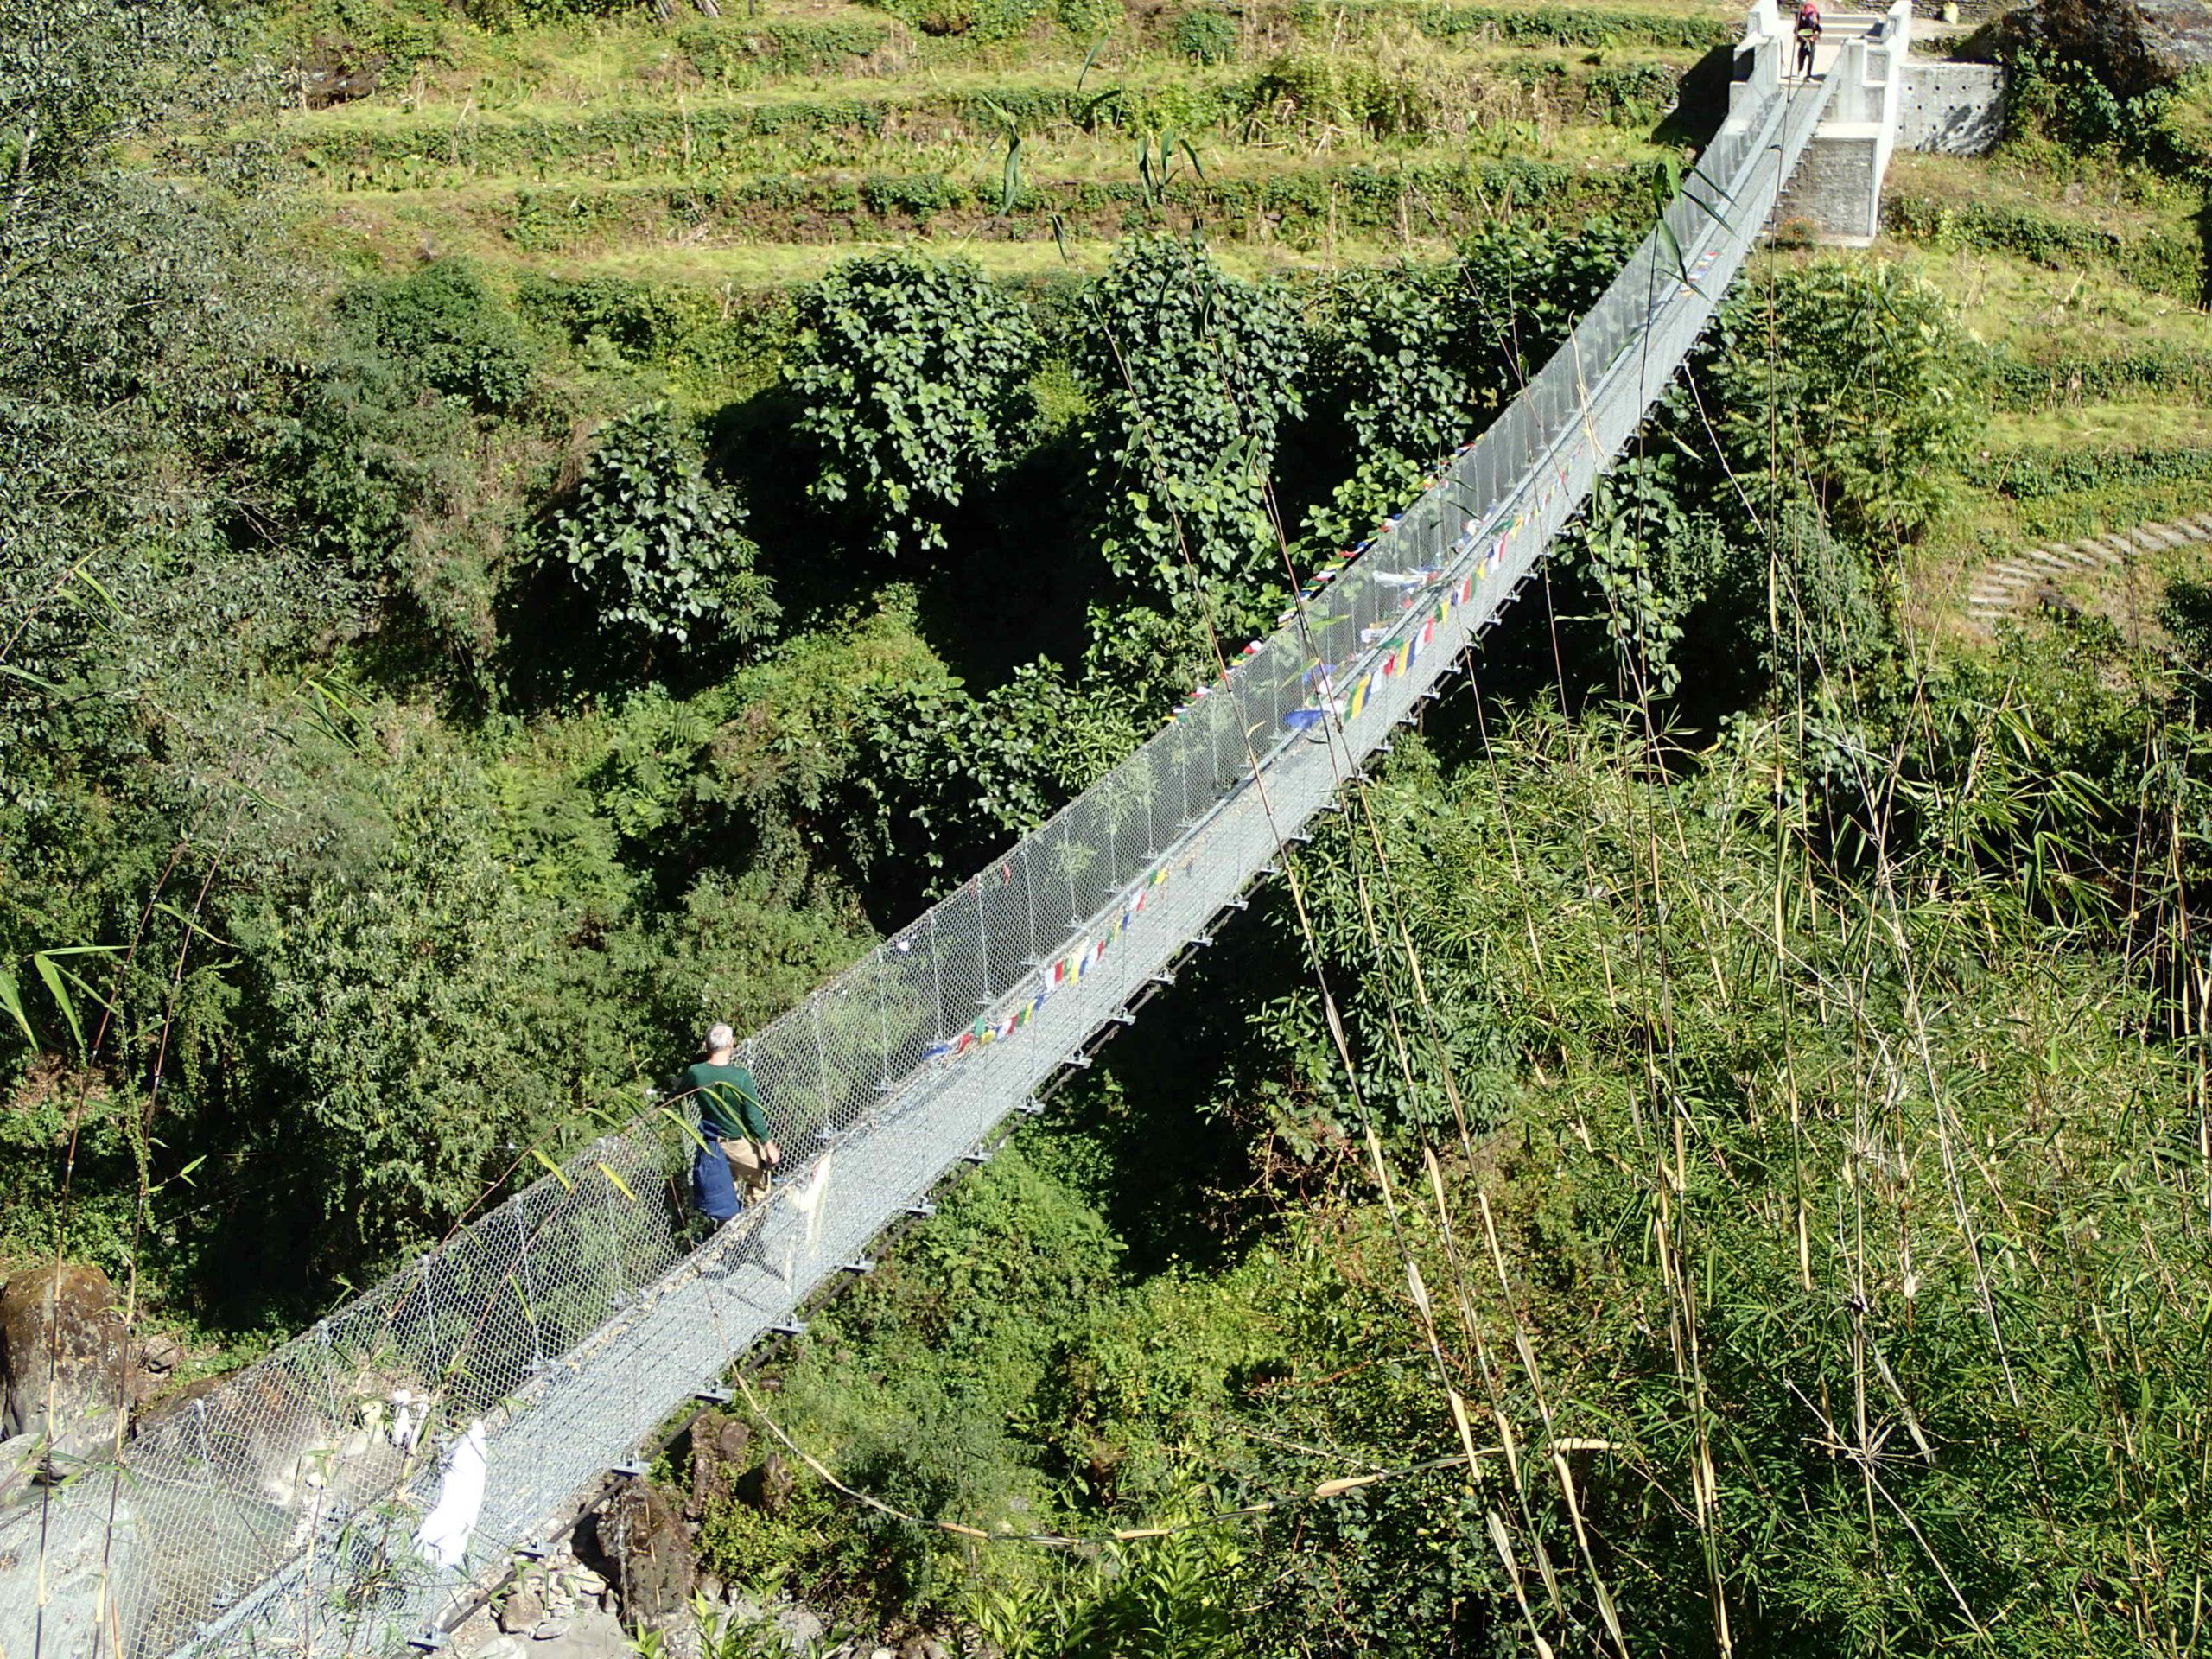 Himalajski mostek fot. Jerzy Kostrzewa